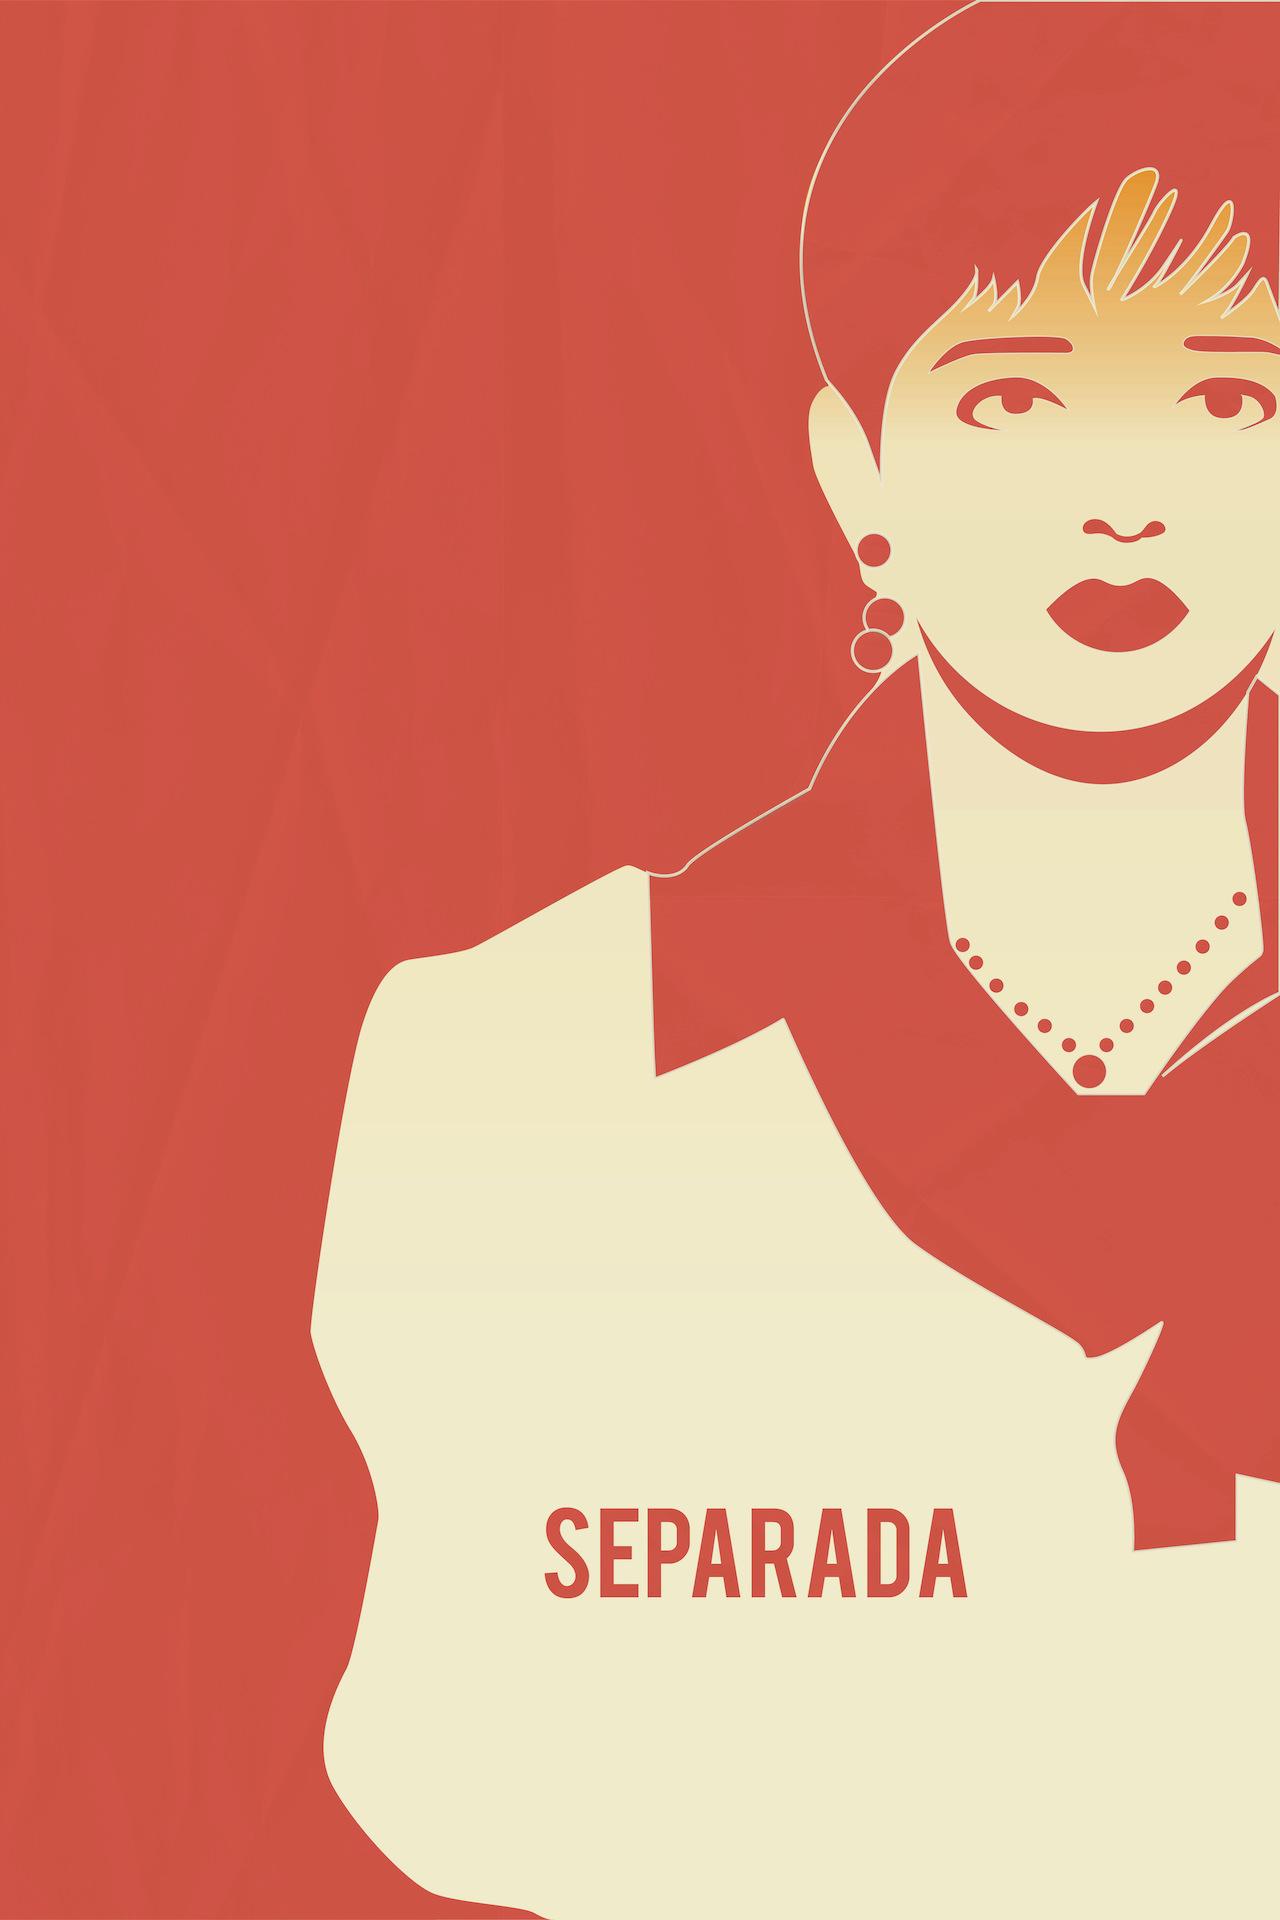 Separada film poster, illustration by Isabela Ferrer